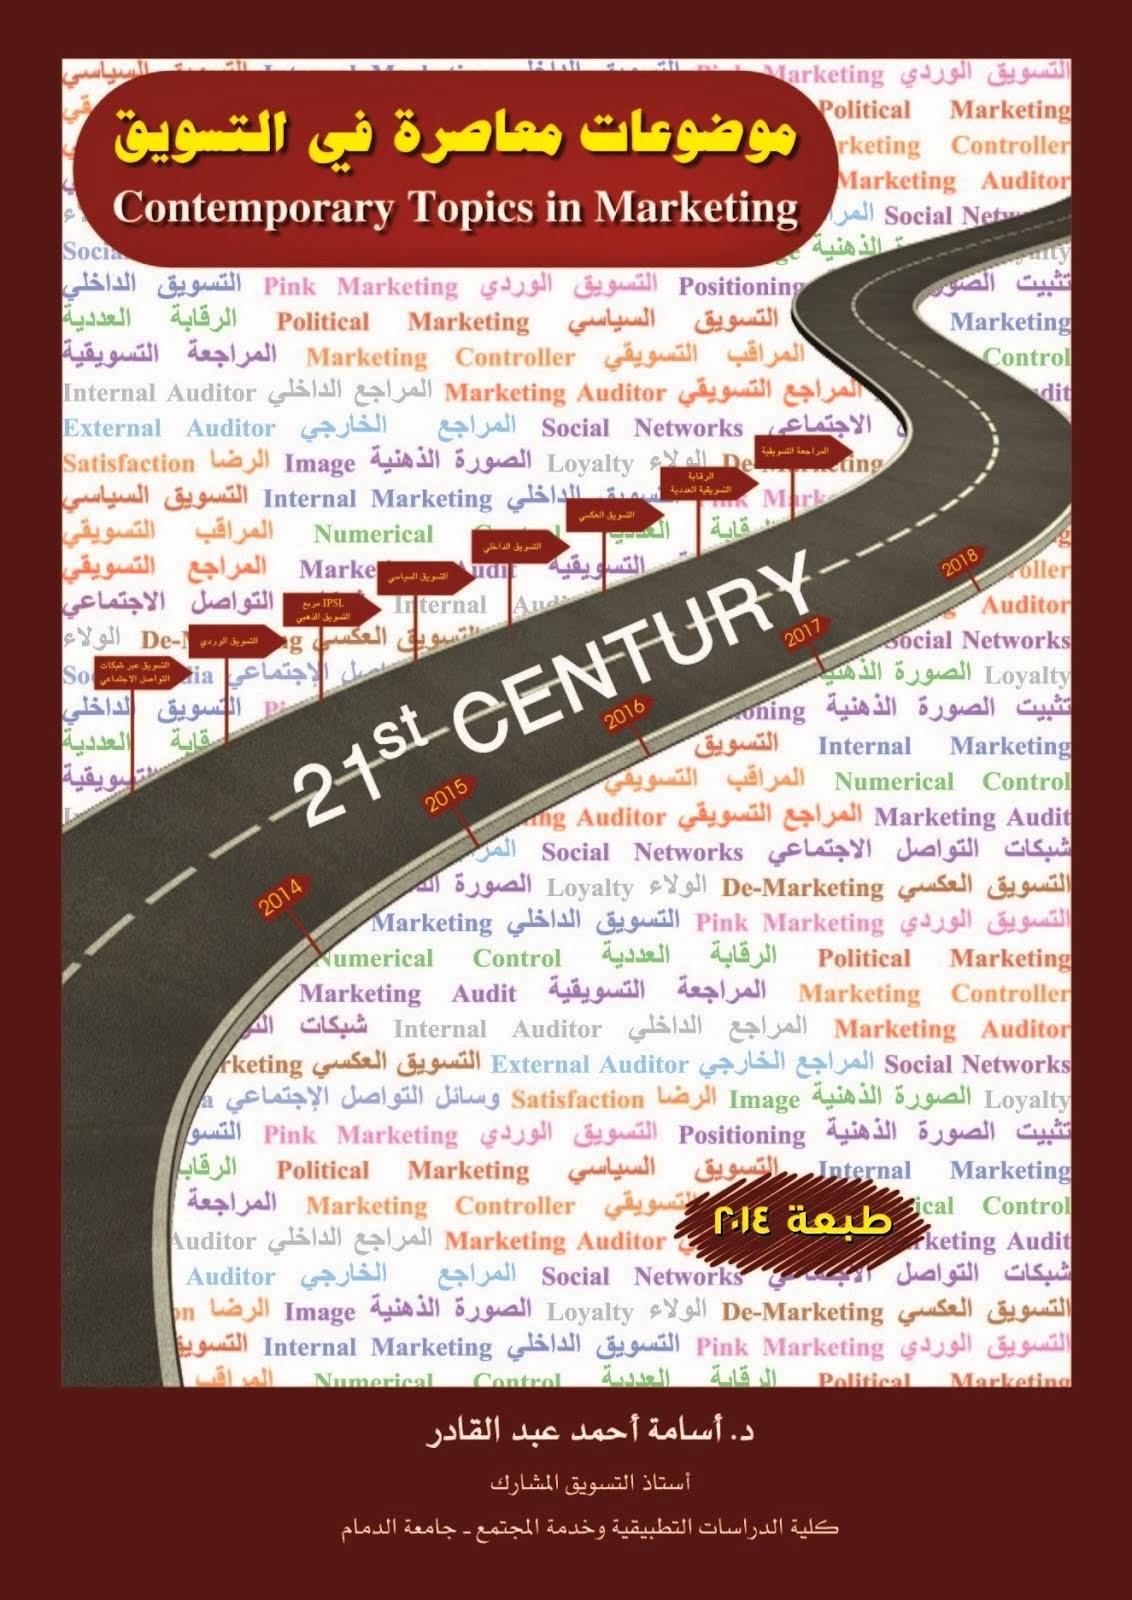 كتاب : موضوعات معاصرة في التسويق